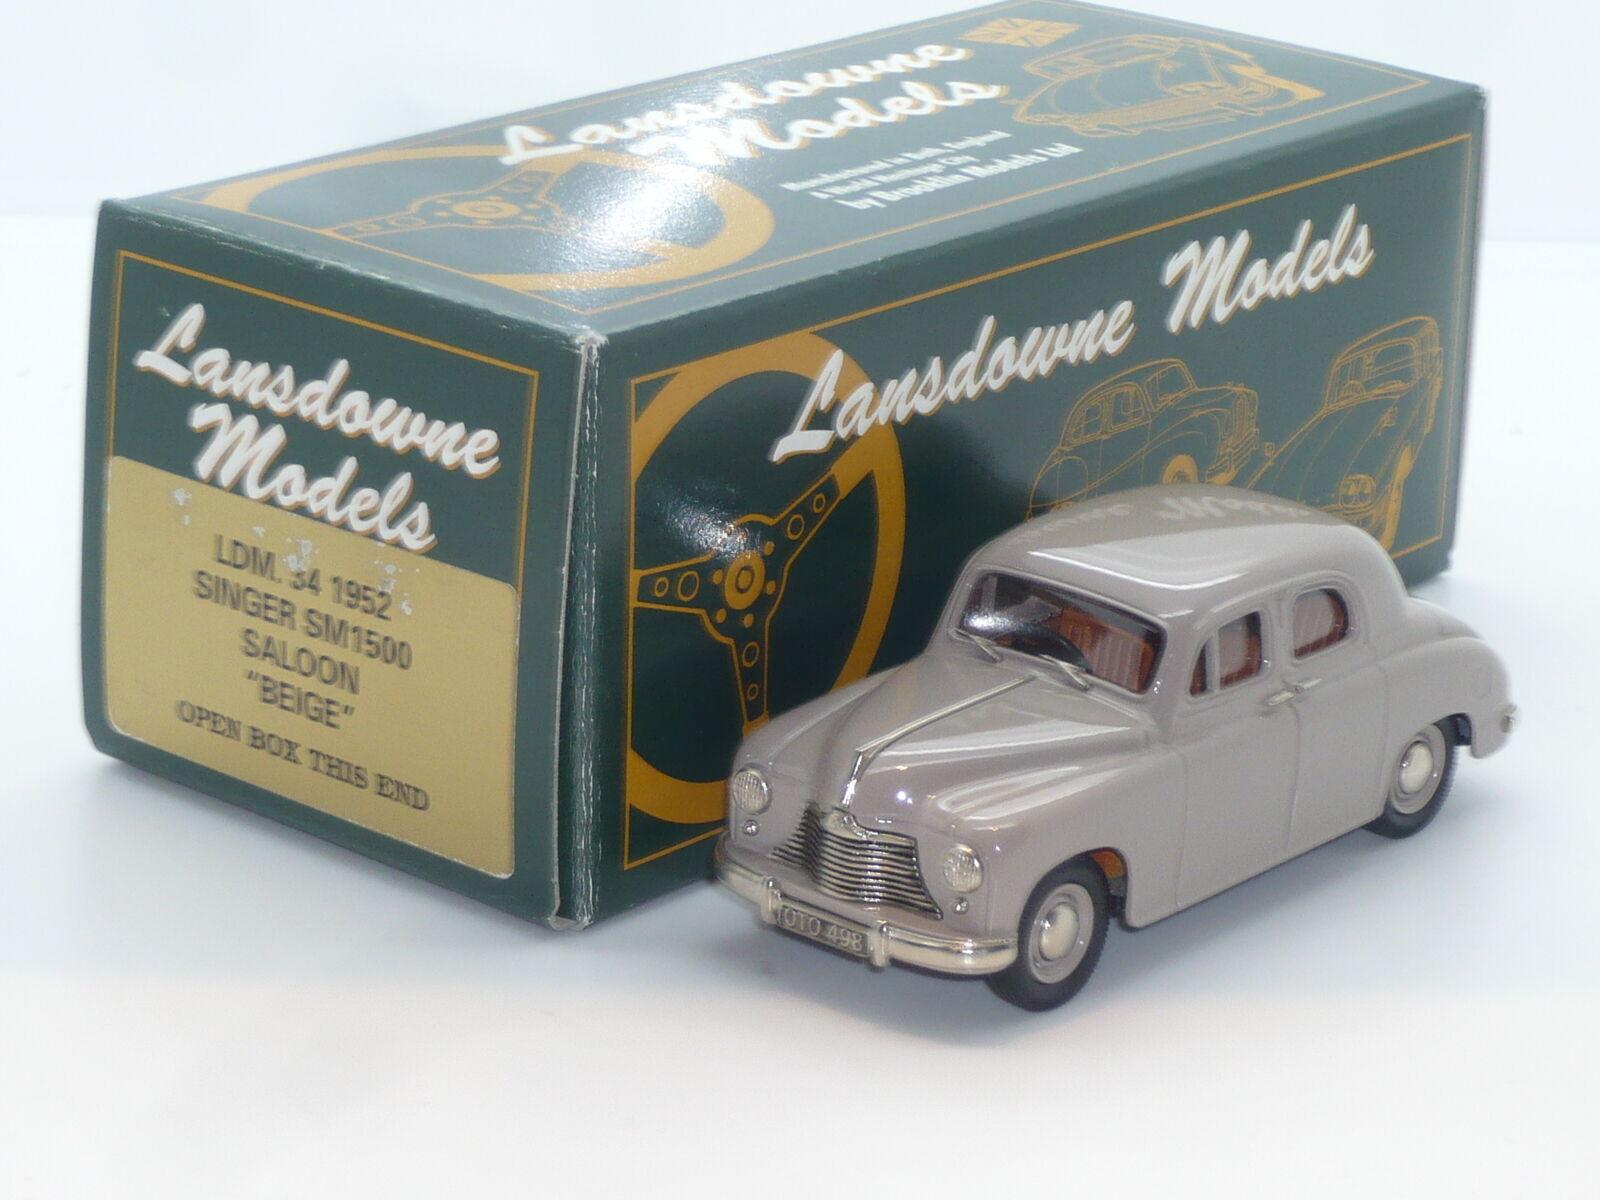 Nuevo 1 43 Lansdowne Modelos LDM34 1952 cantante SM1500 Saloon HANDBUILT Brooklin